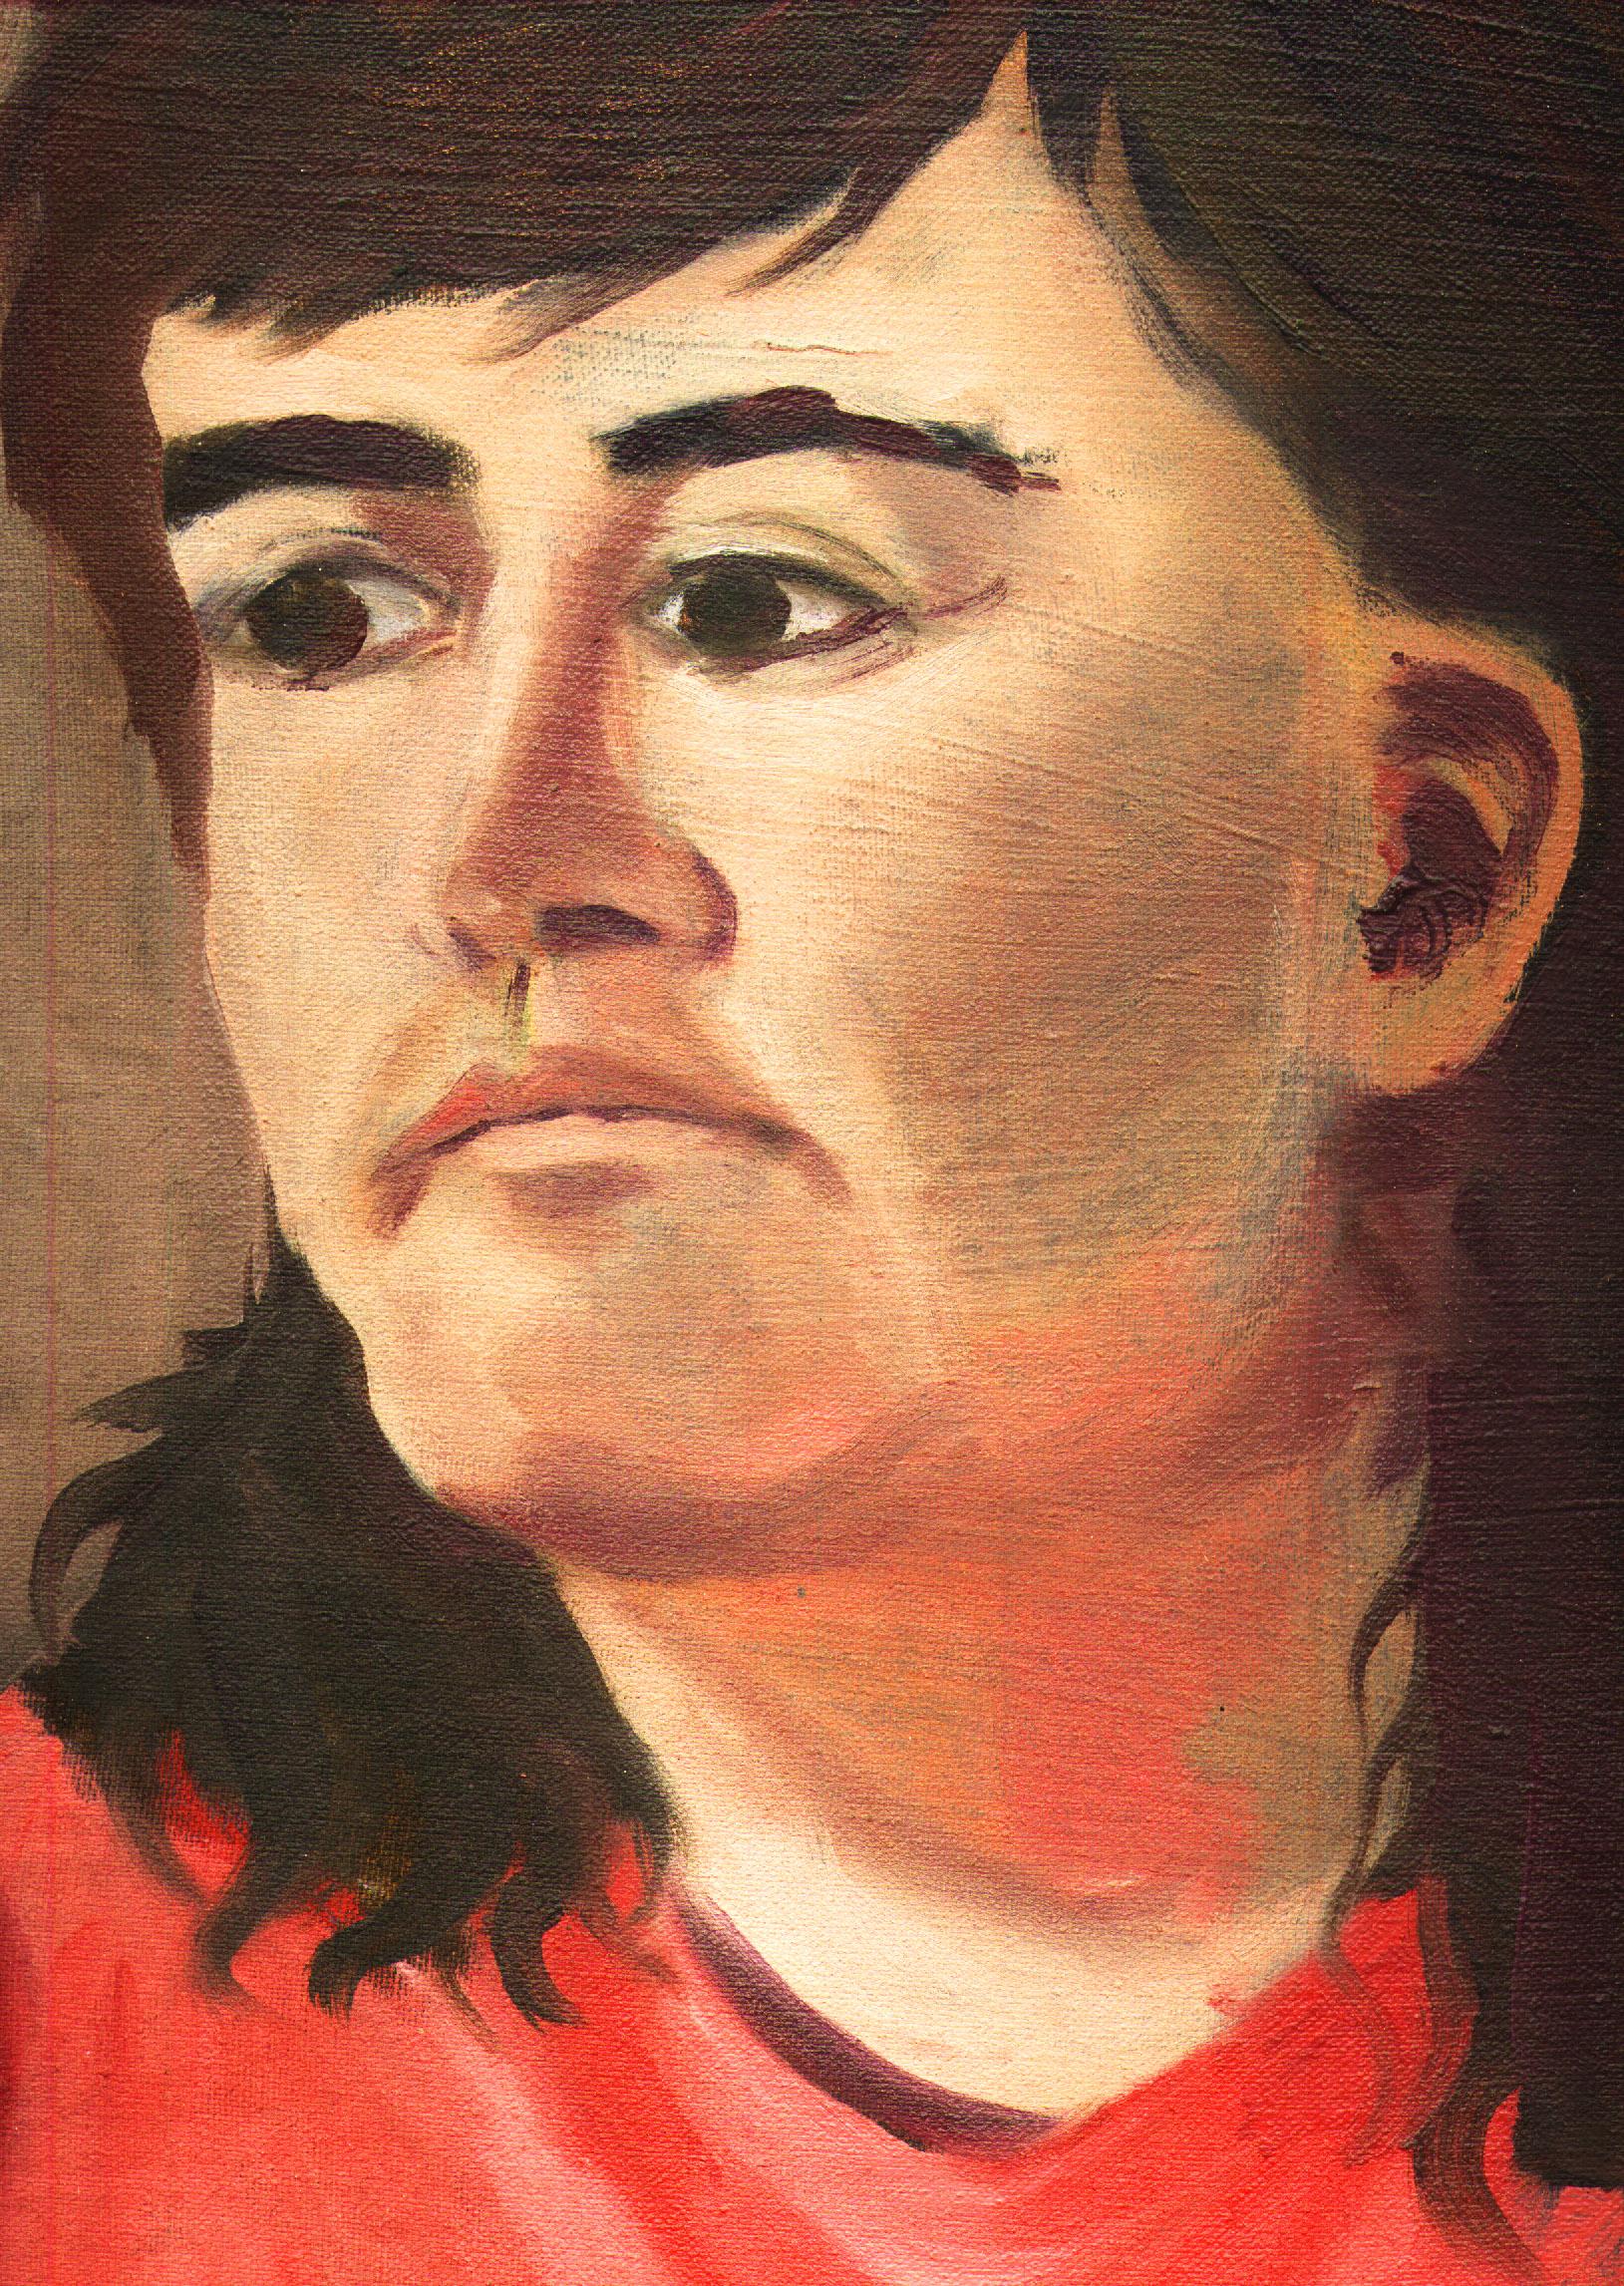 art painting face human woman shanescanlan sad